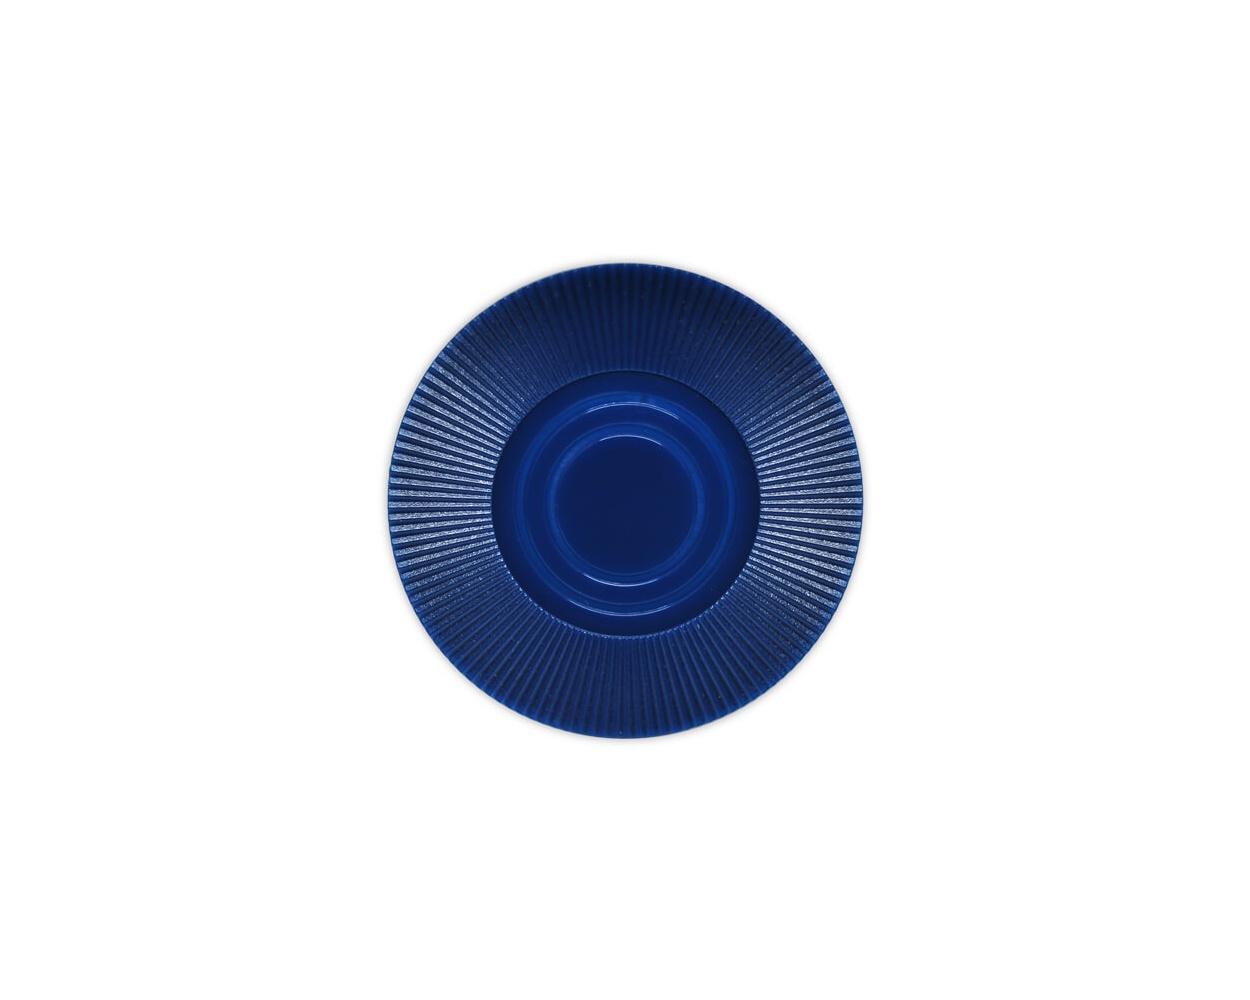 Radial Interlocking - D. Blue Plastic Poker Chips